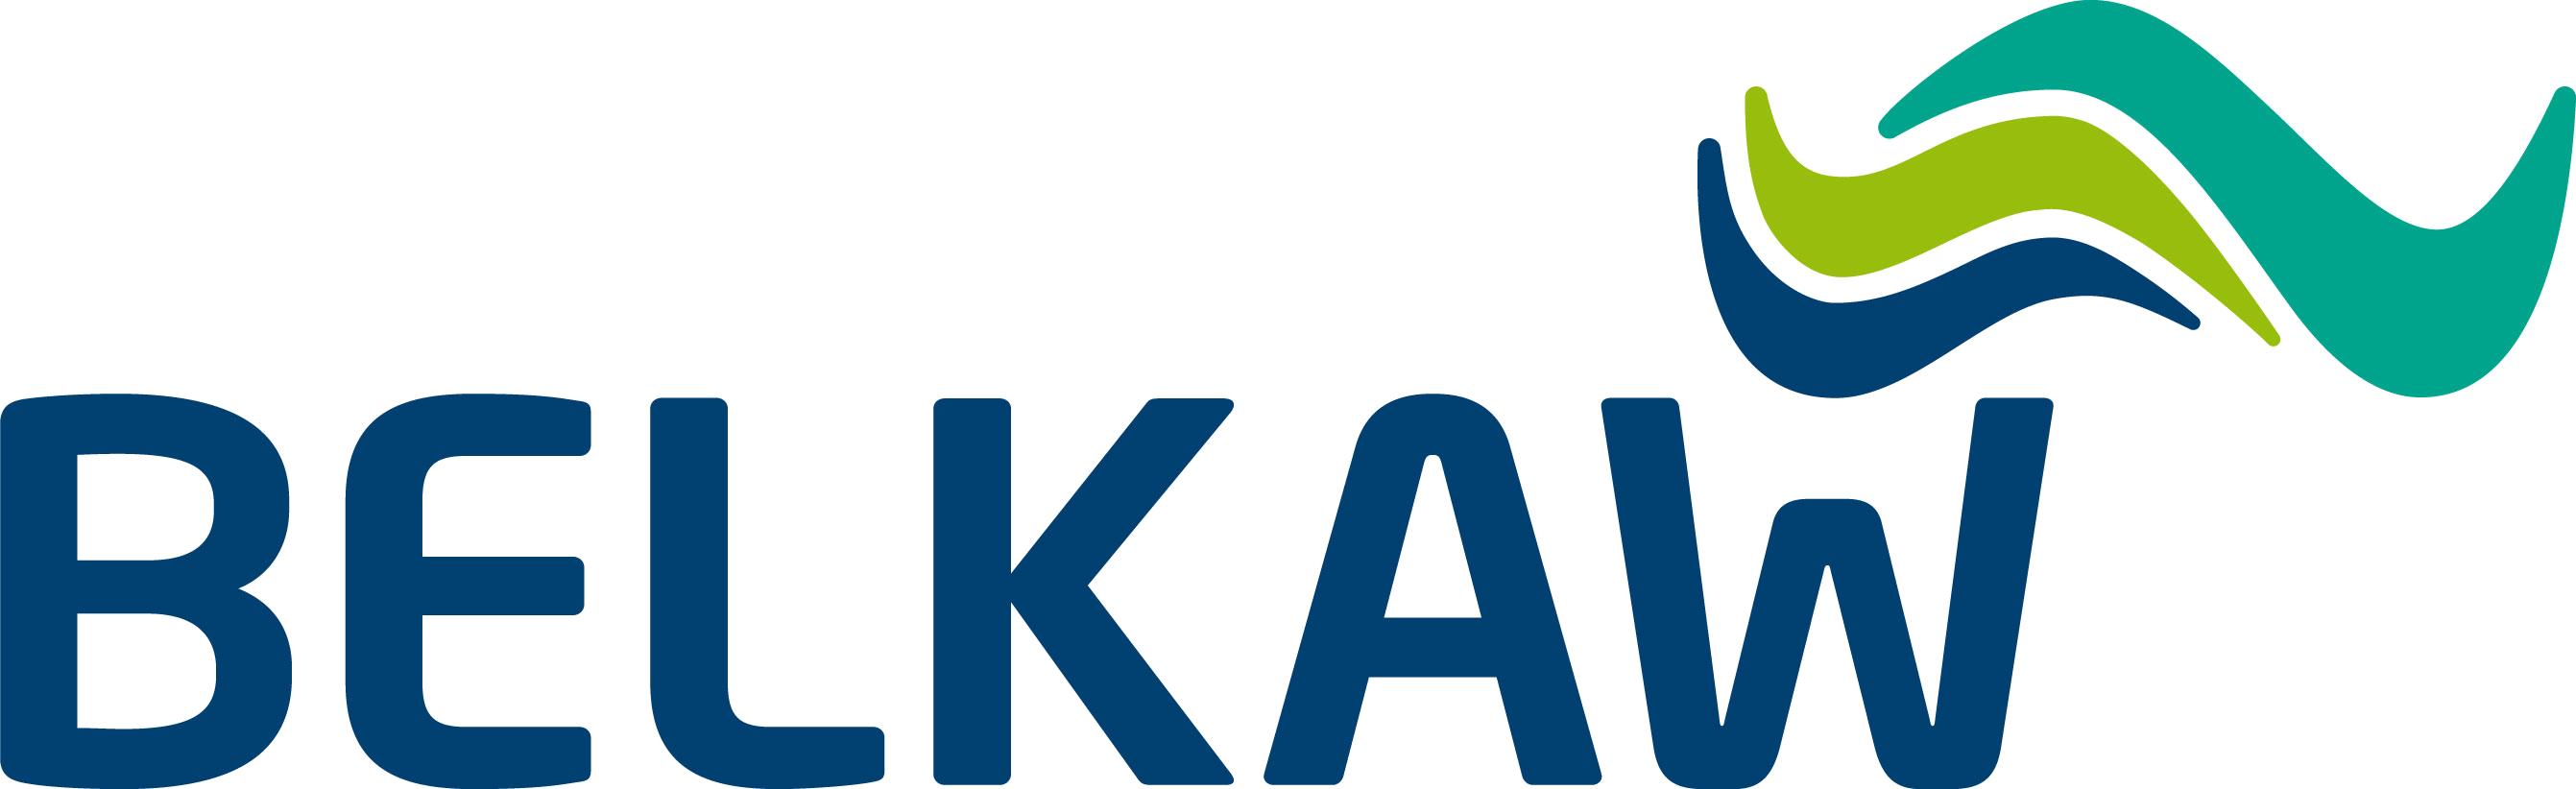 BELKAW_Logo_4c